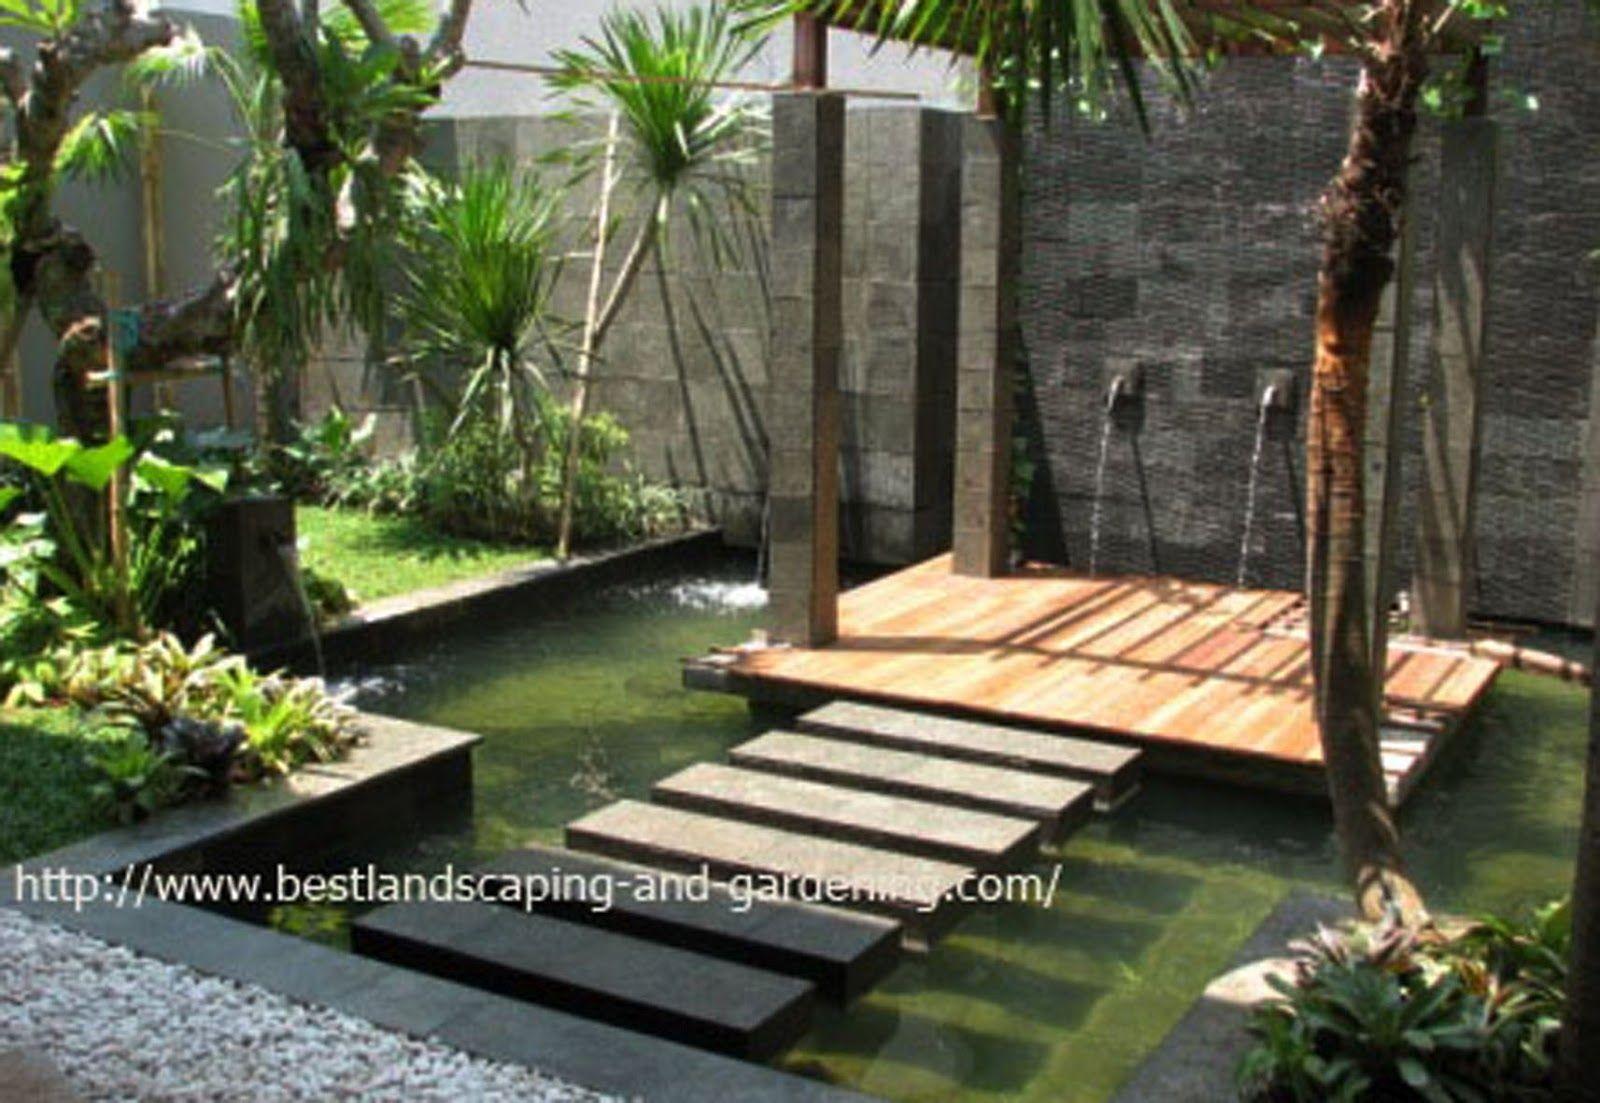 Membuat Desain Taman Minimalis Belakang Rumah Desain Taman